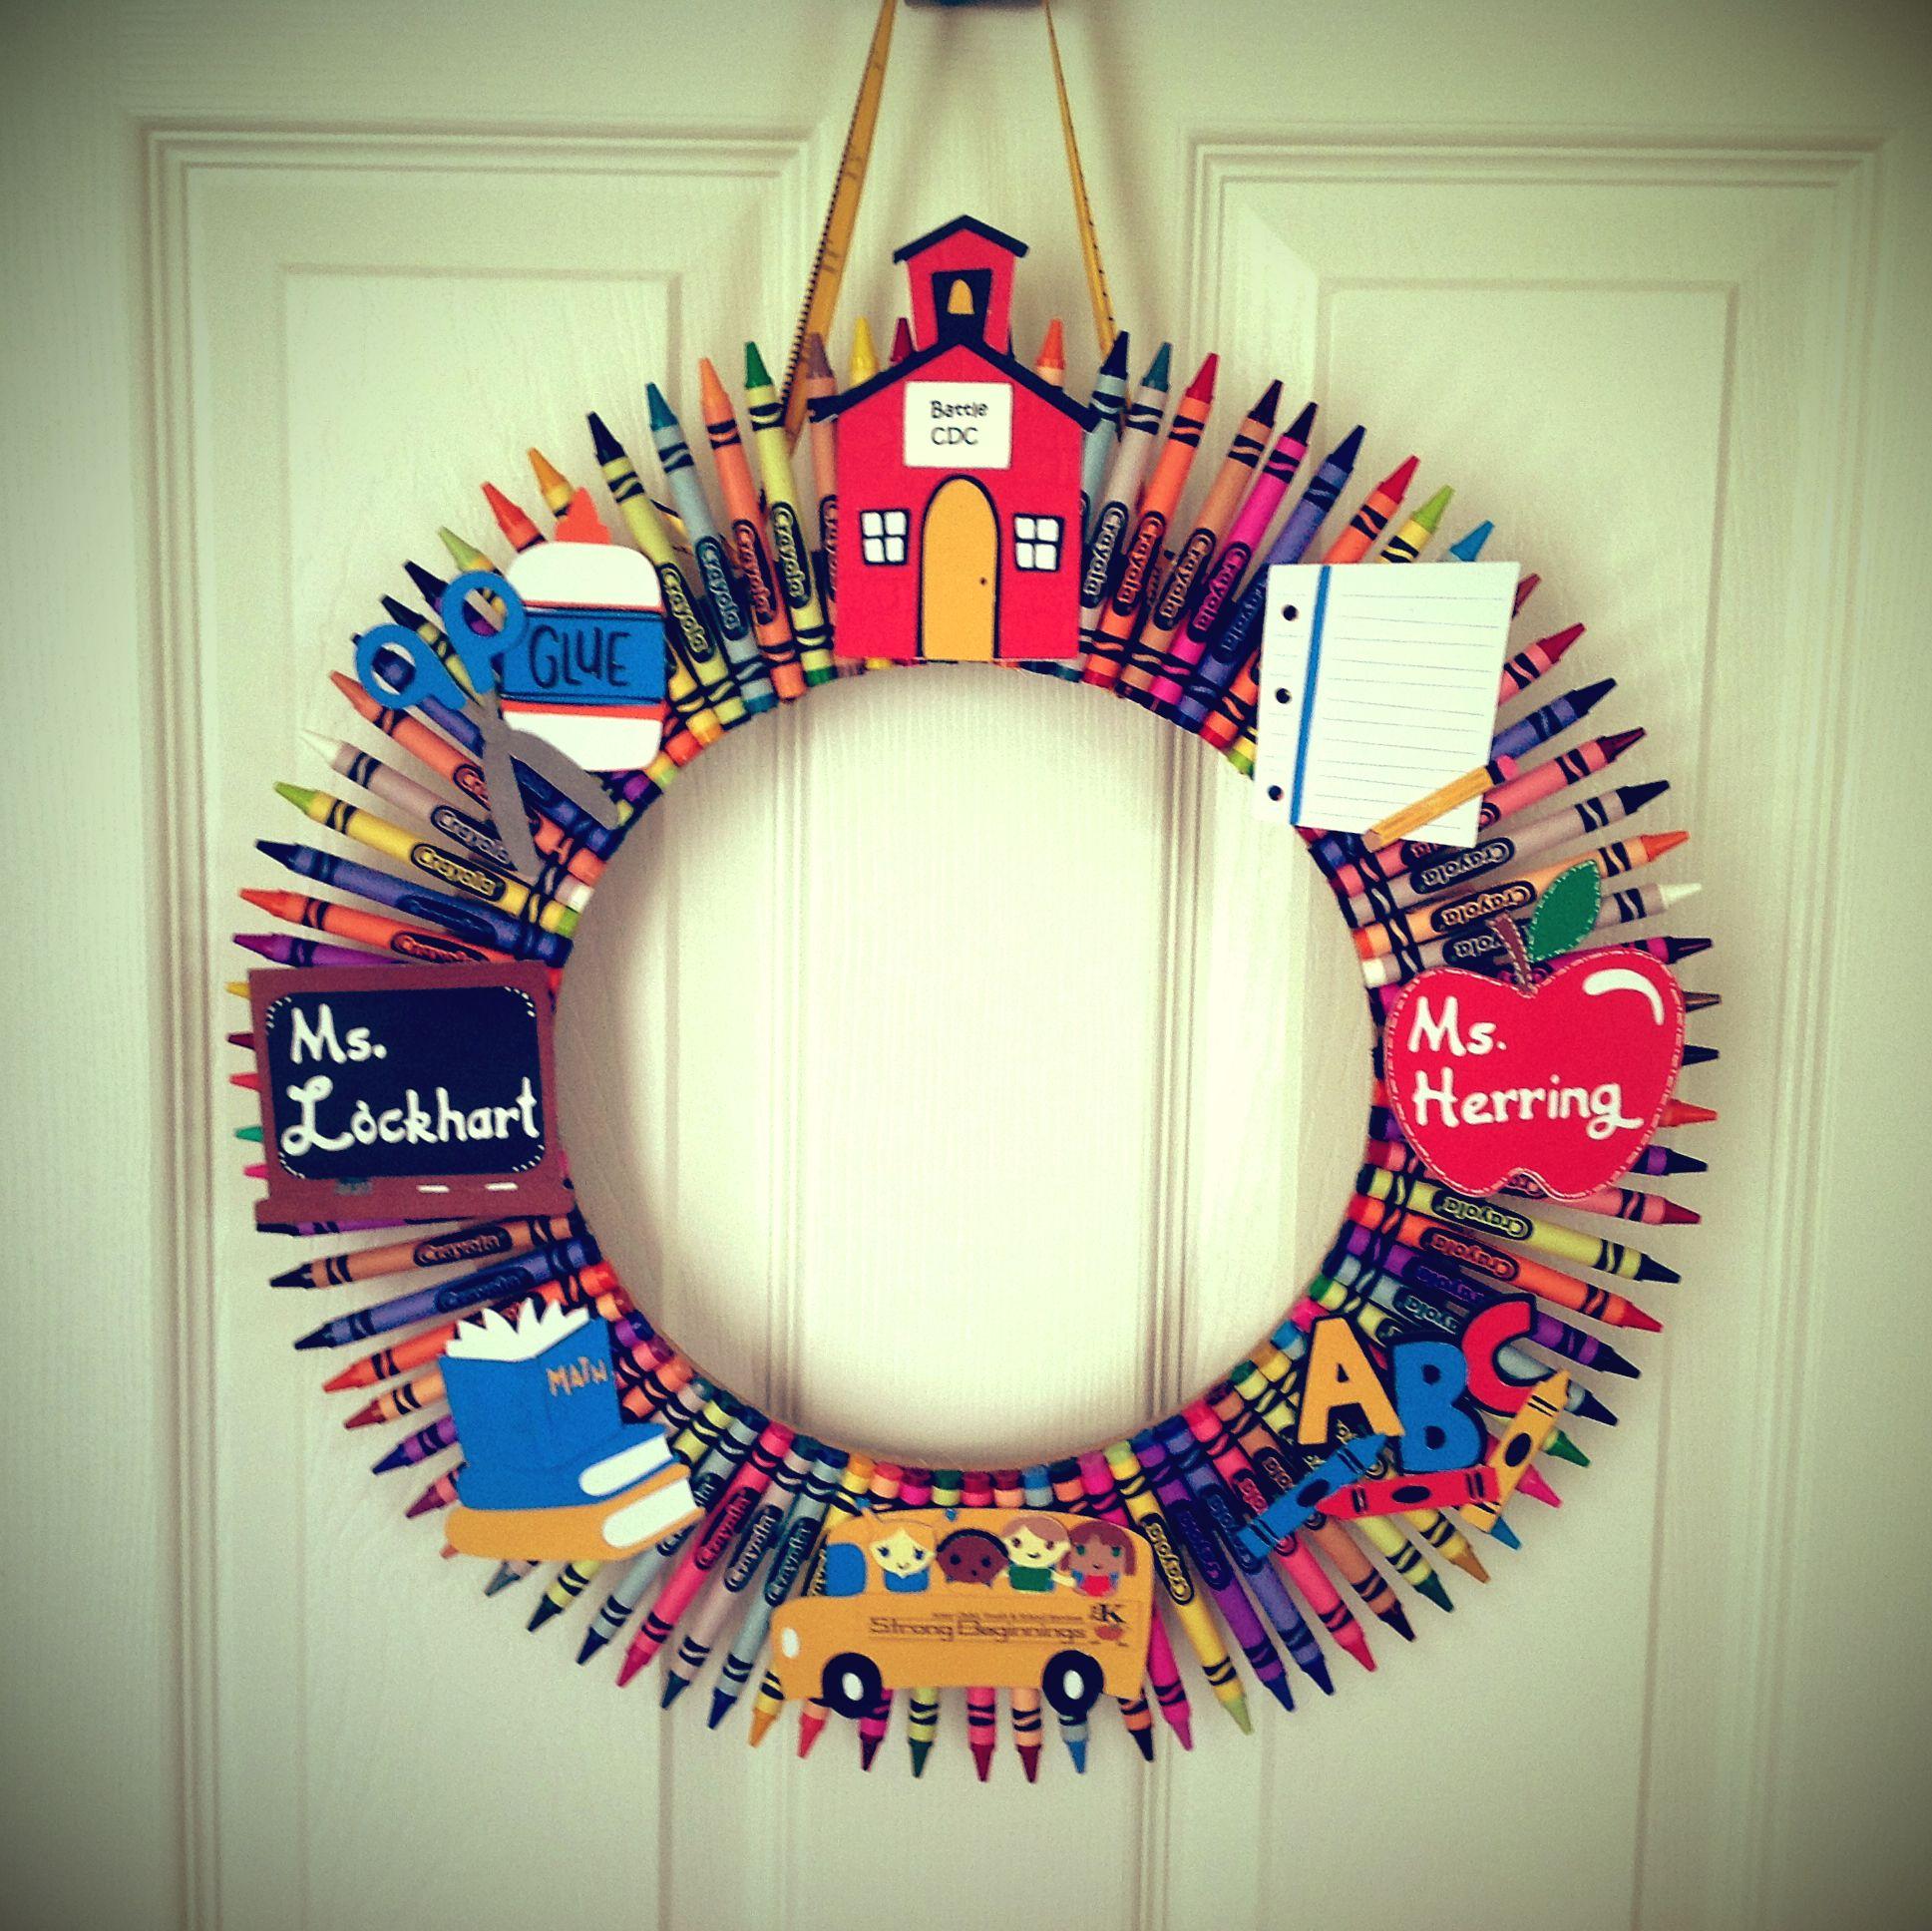 Scrapbook ideas for teachers - Crayon Wreath Scrapbook Com